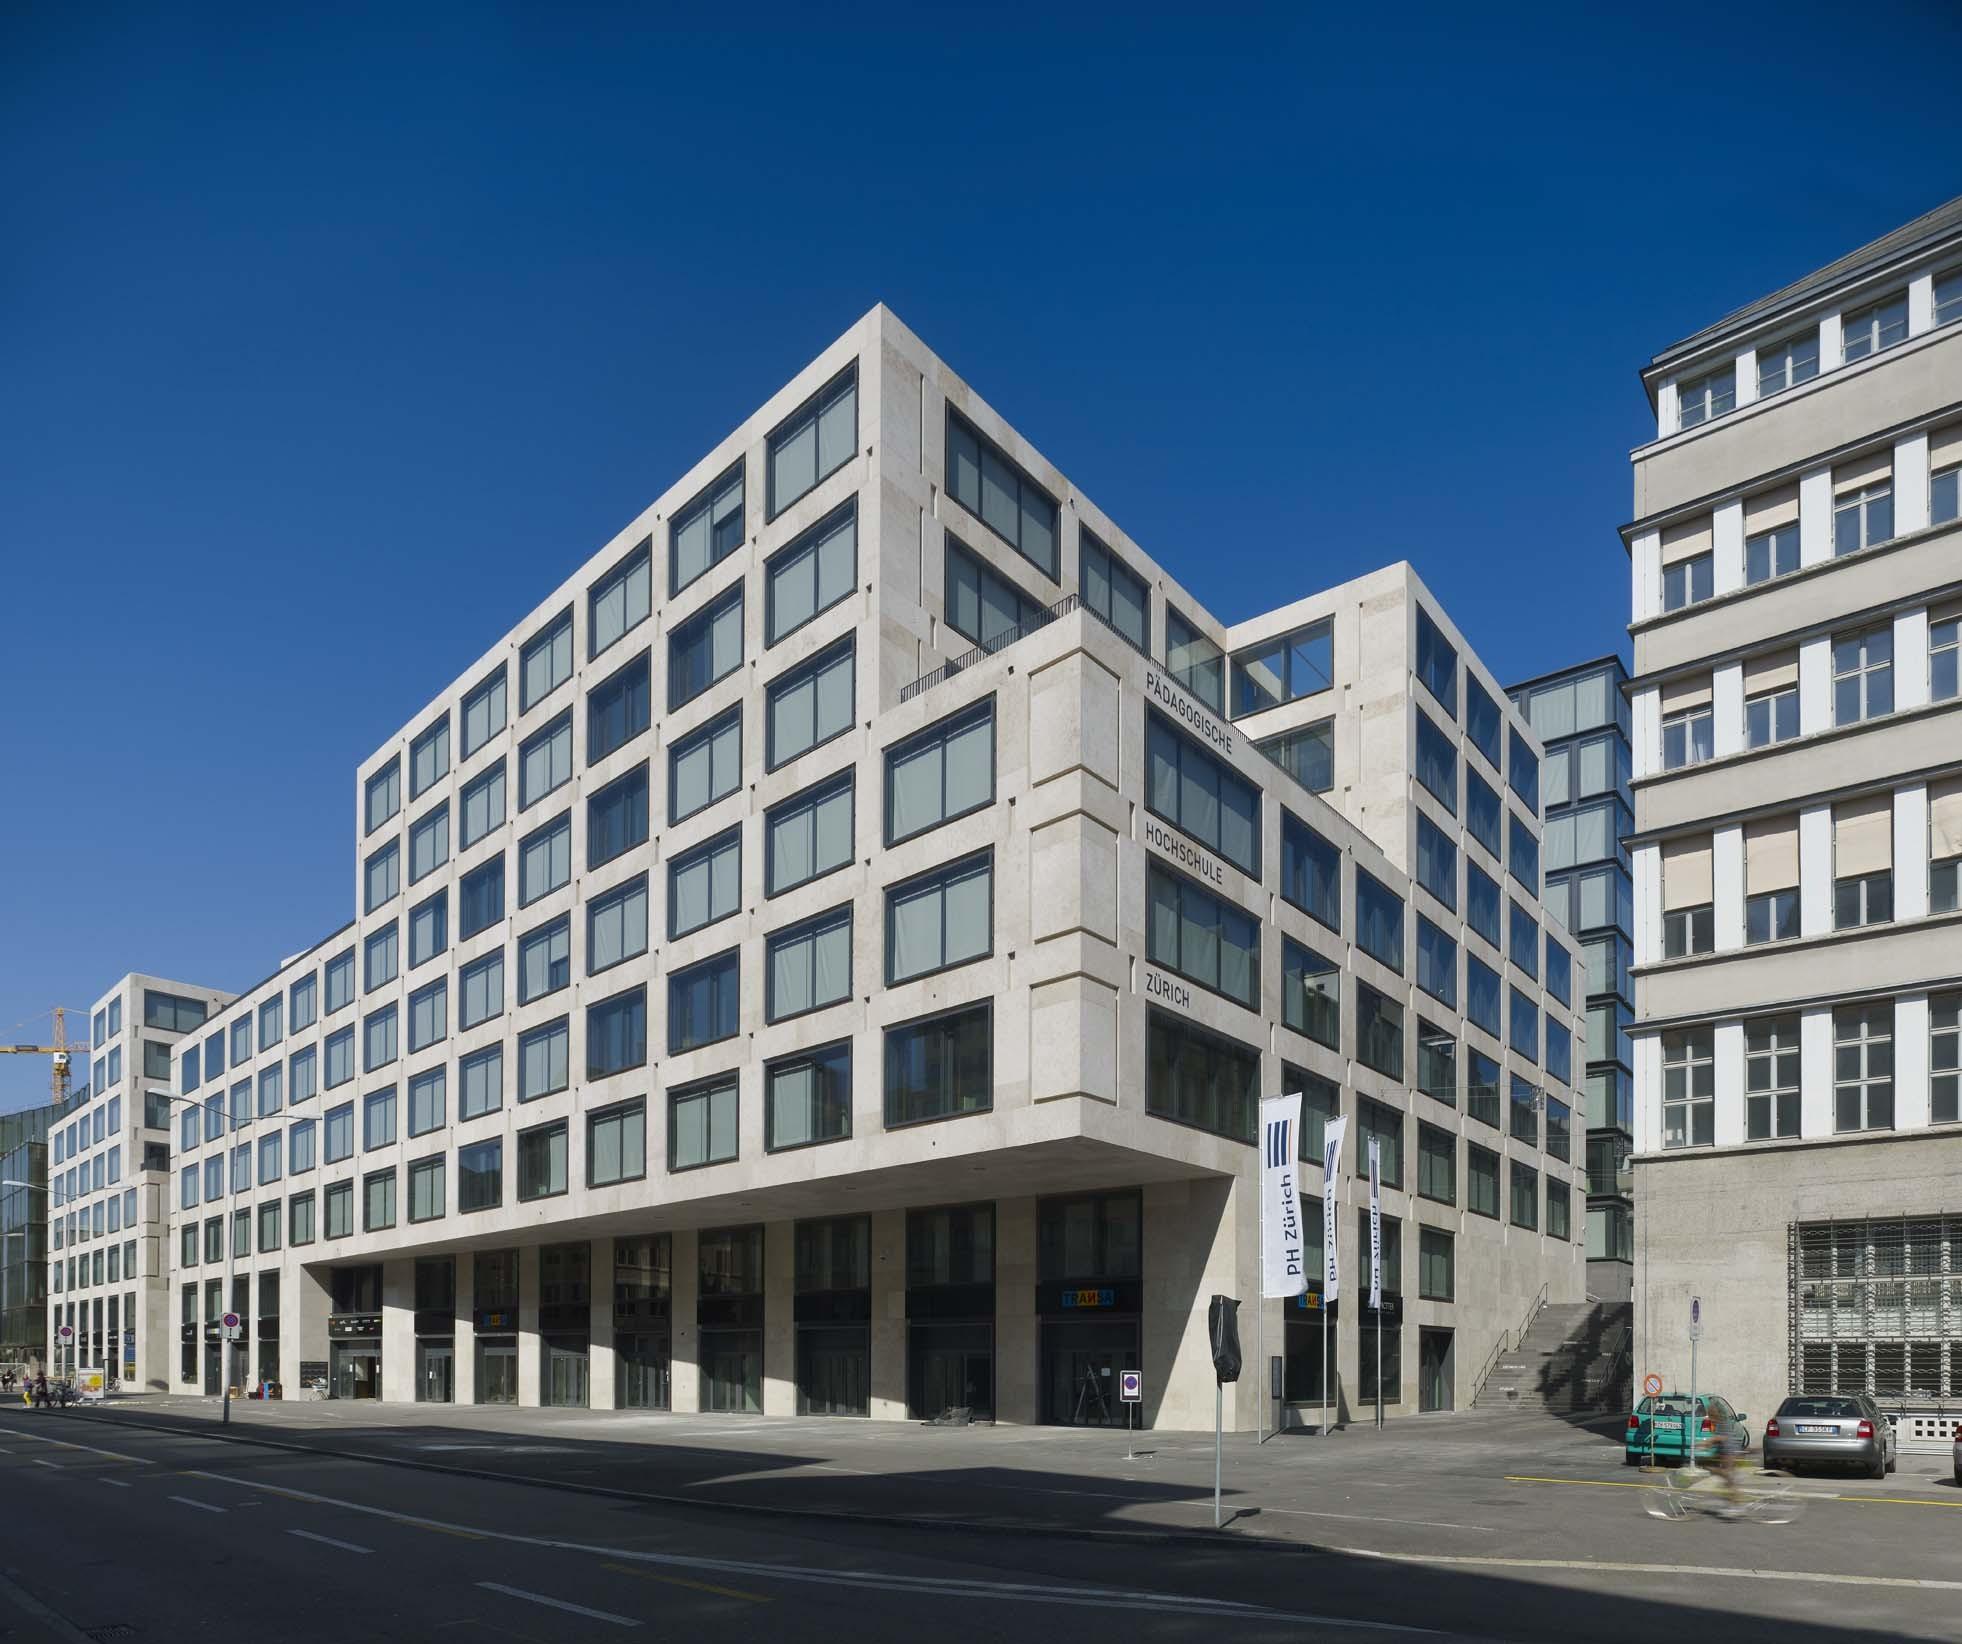 Europaallee zurich max dudler architekt archdaily for Architecture 00